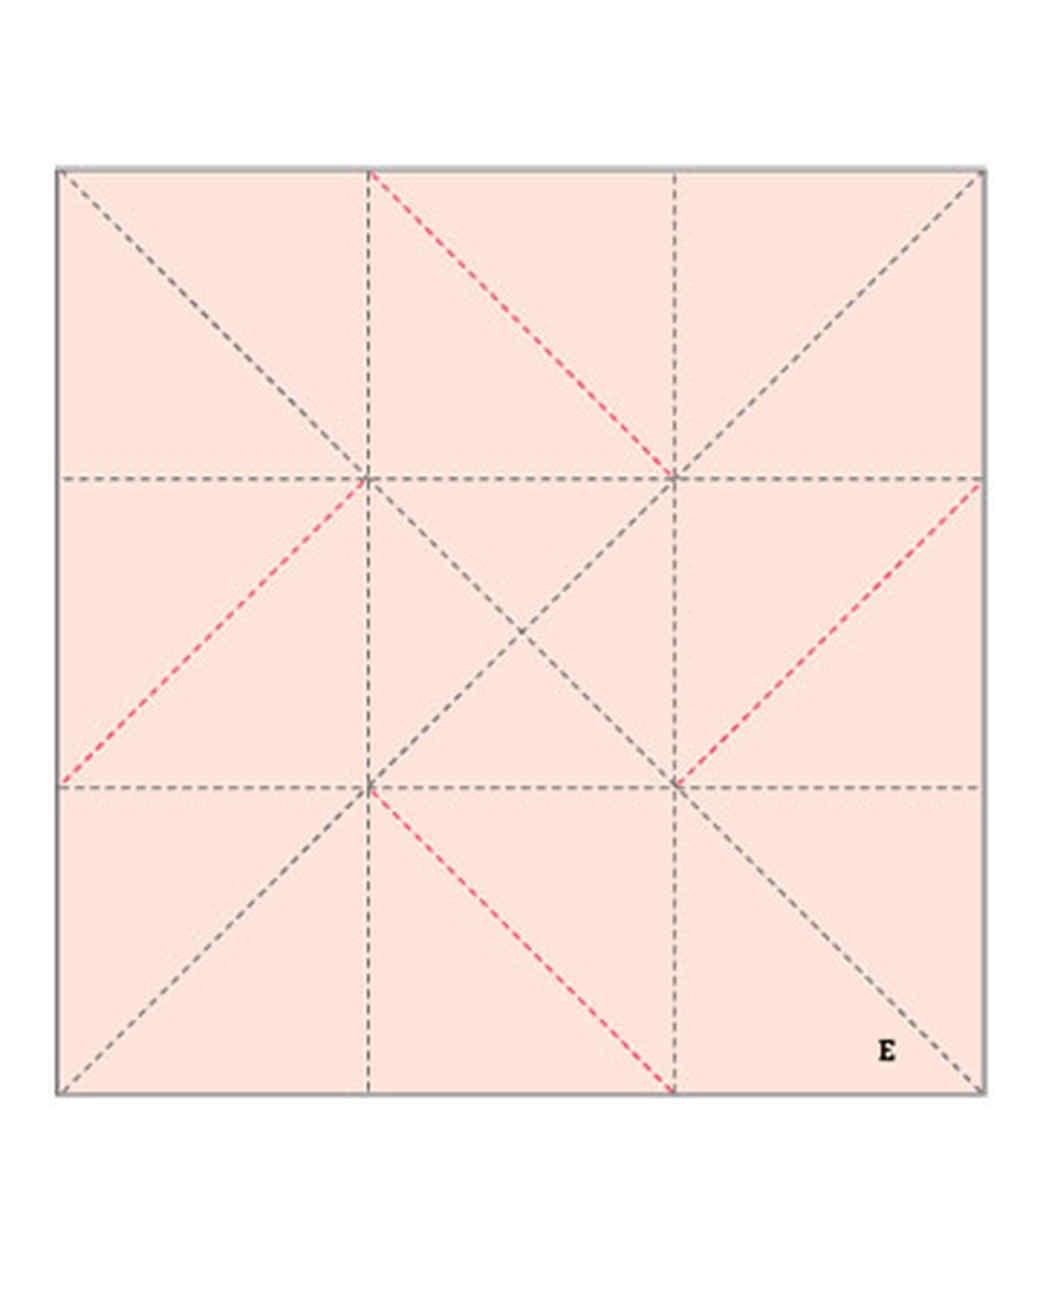 msl_0209_foldedvalentine_e.jpg